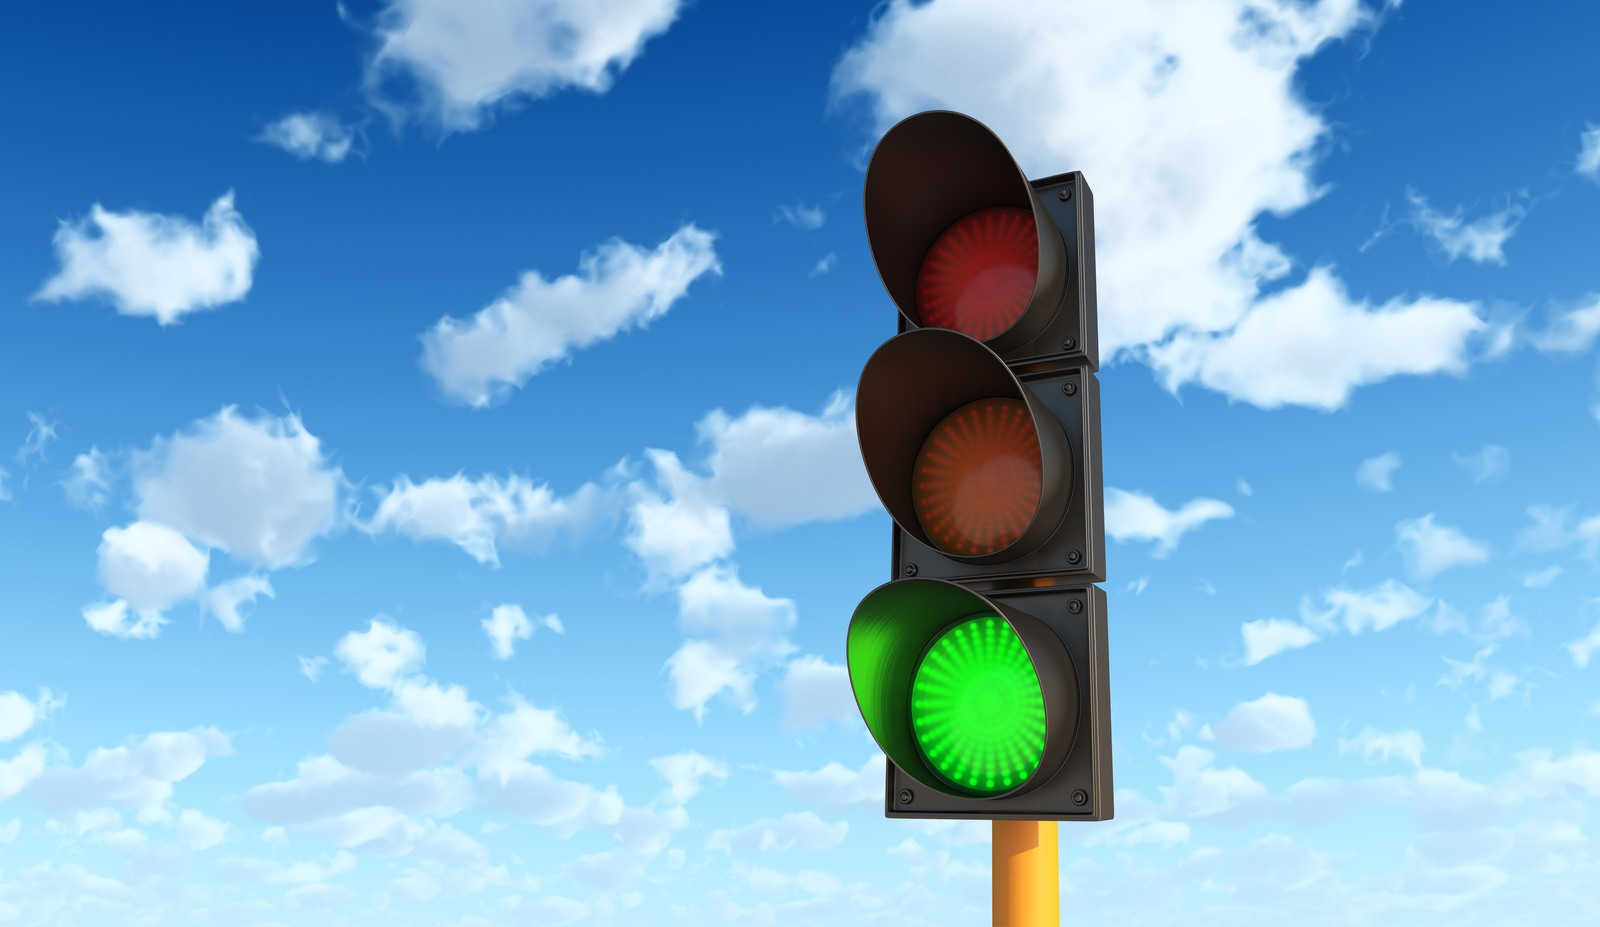 Зеленый светофор картинки